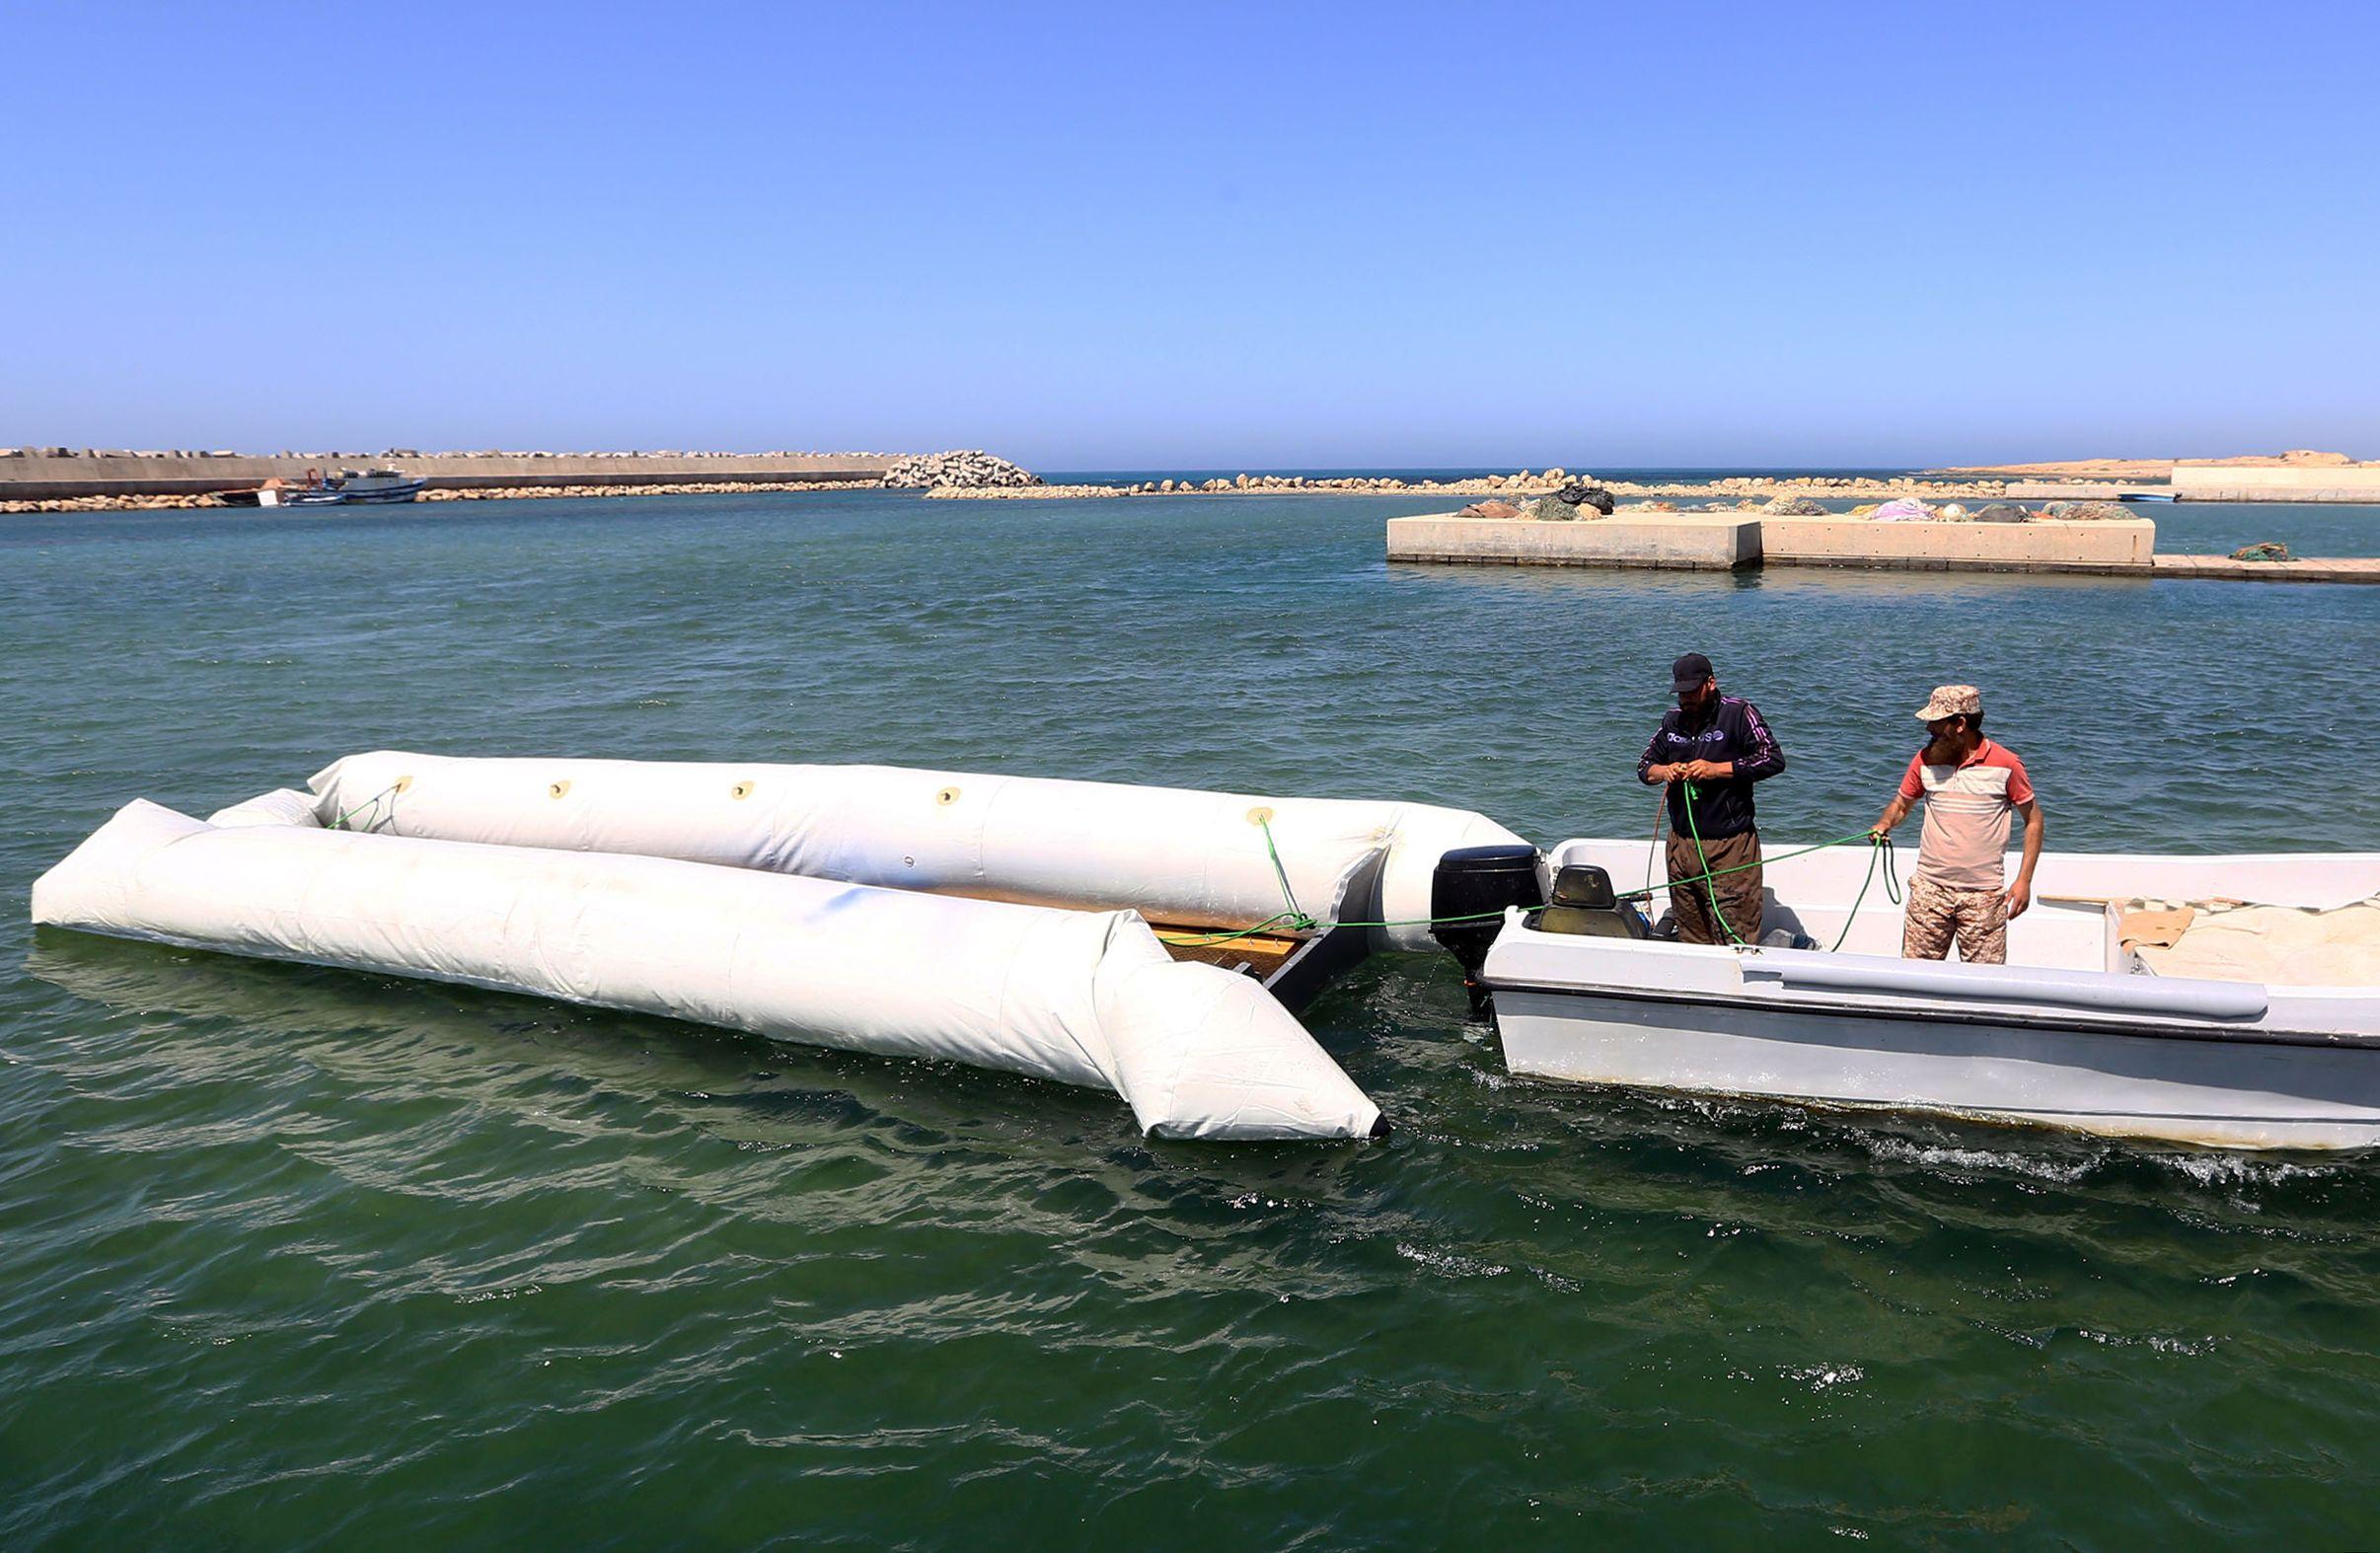 كارثة إنسانية جديدة على سواحل ليبيا